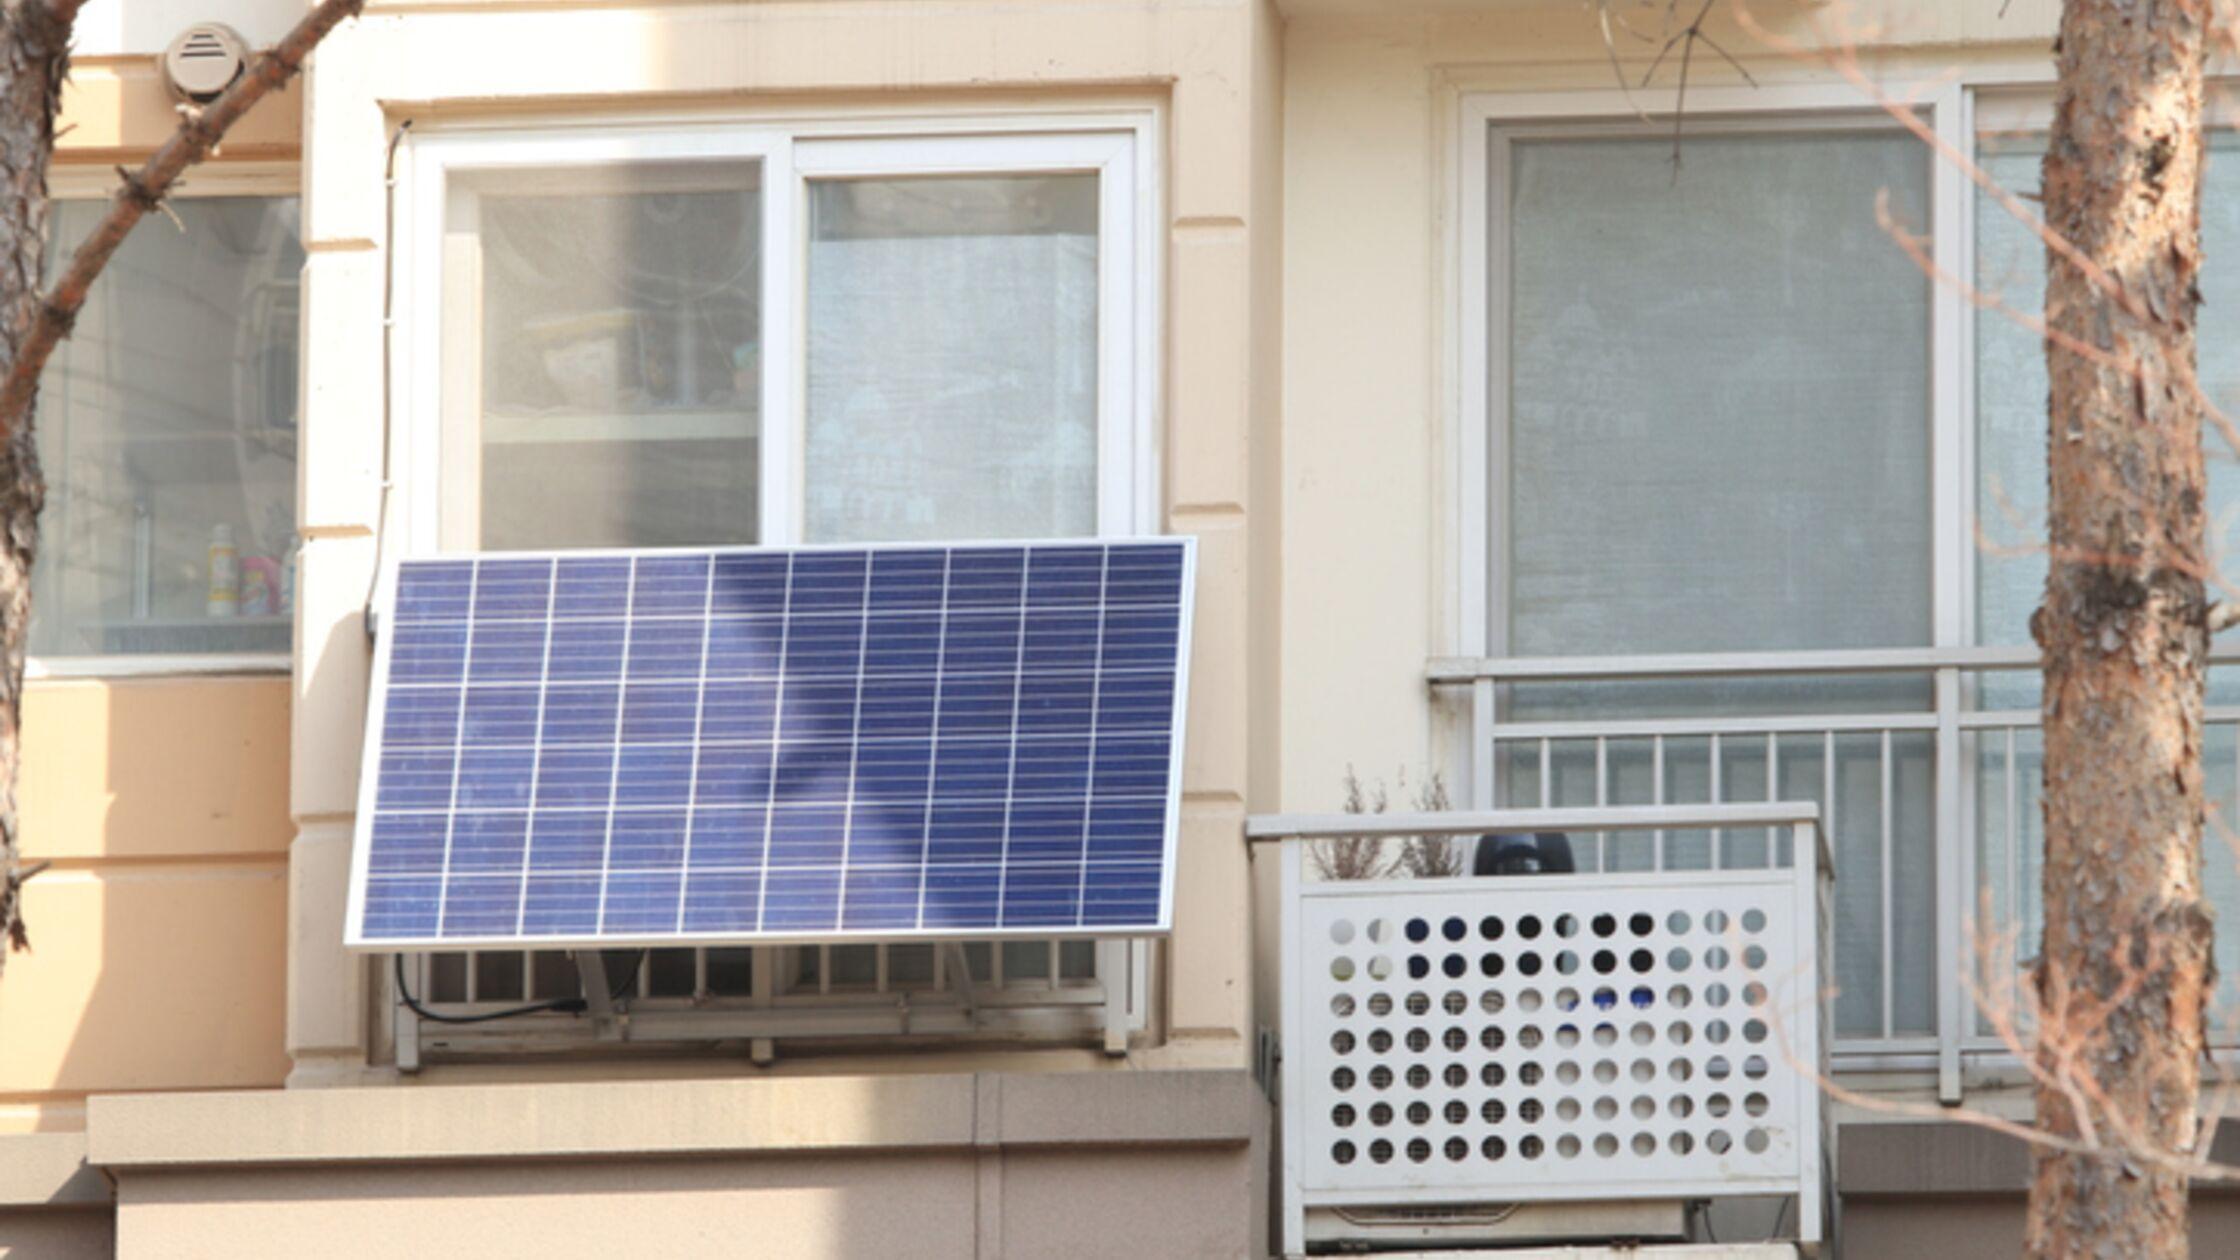 Balkon-Solaranlage: Sonnenstrom für die Mietwohnung